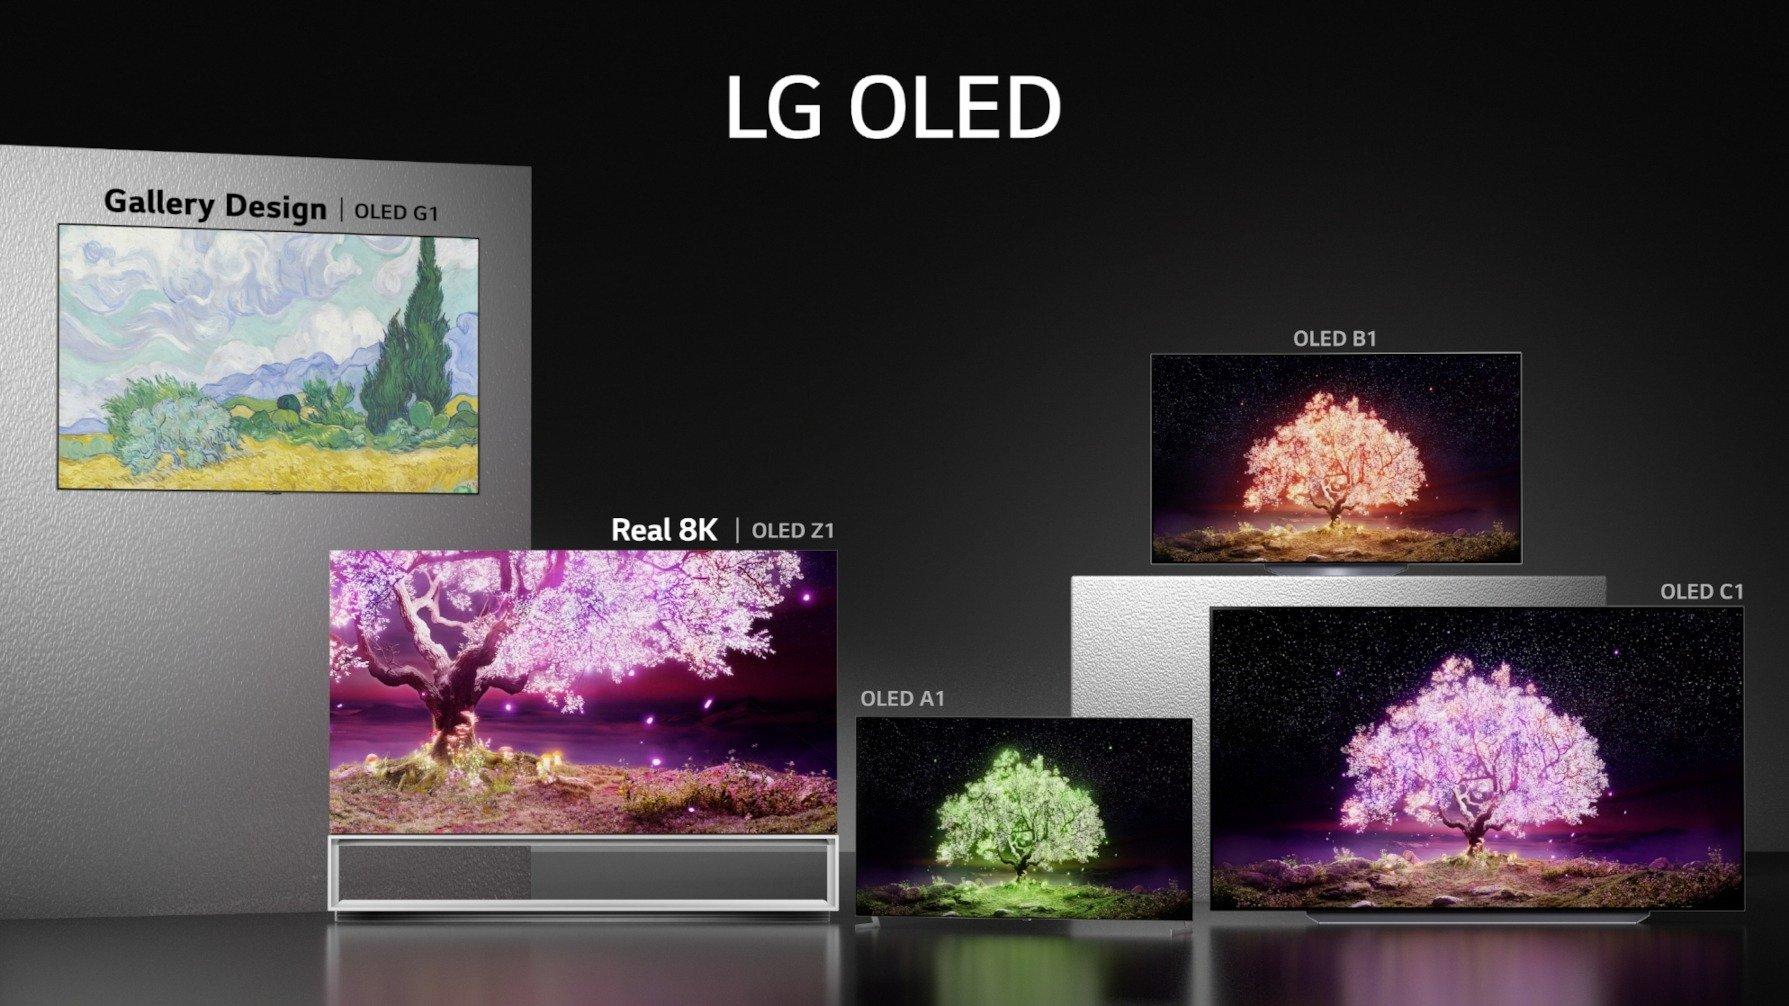 Dzisiaj rusza przedsprzedaż telewizorów LG OLED – Znane są też ceny wszystkich modeli LG OLED na 2021 rok